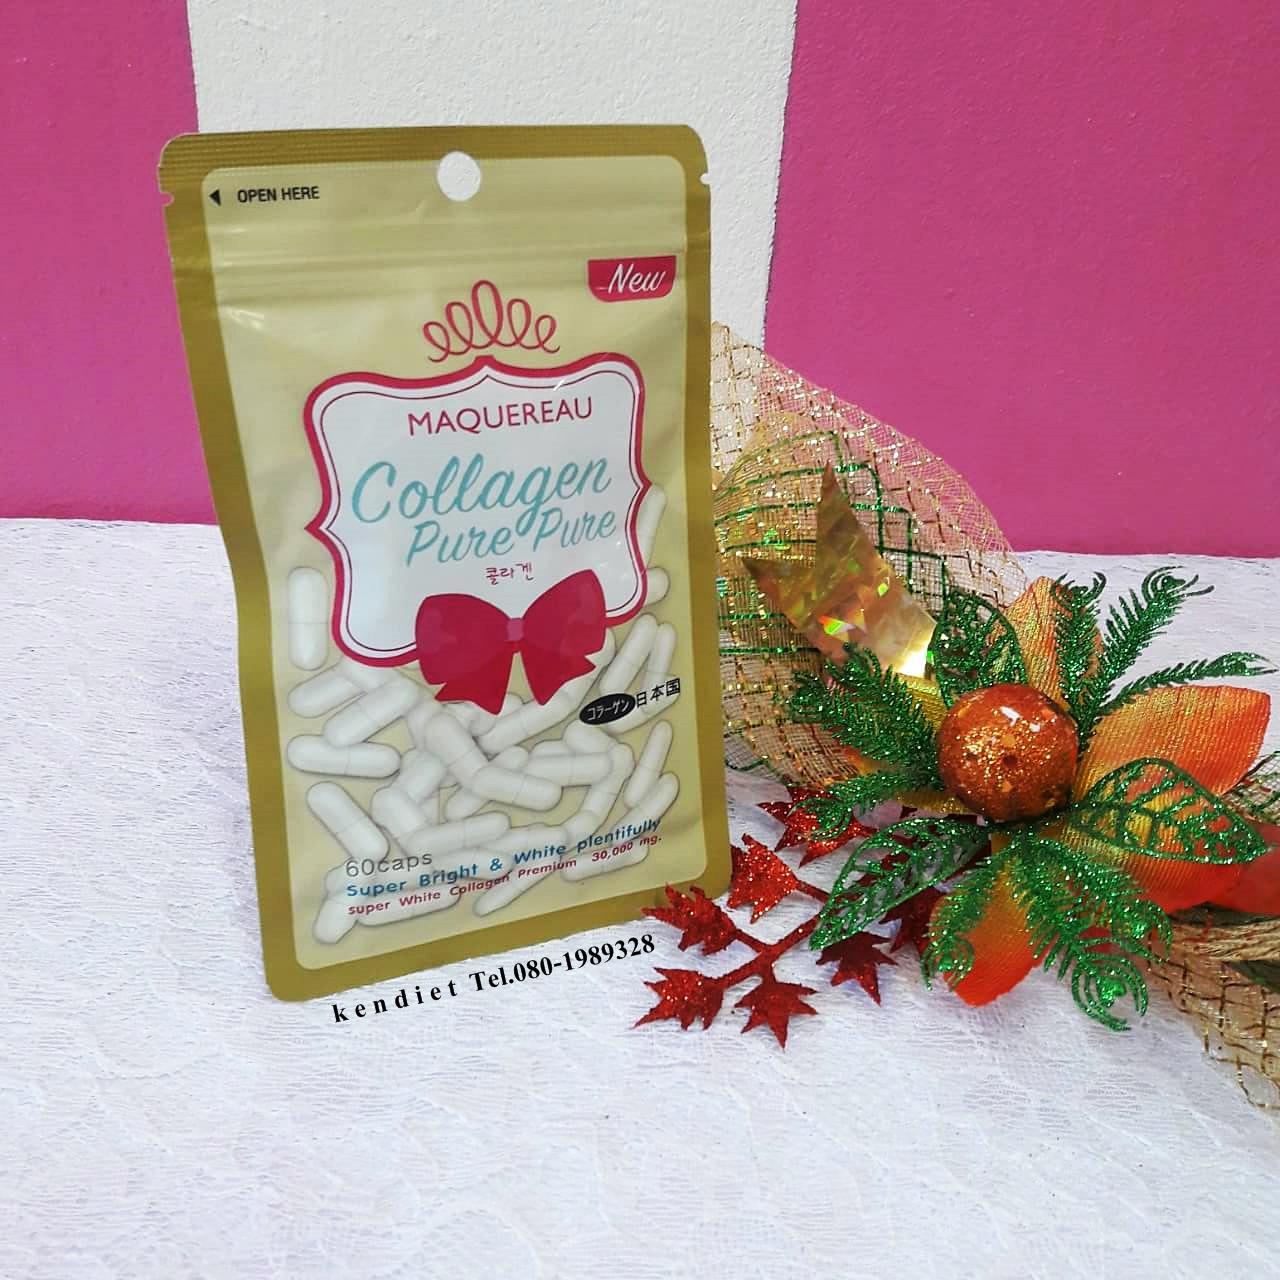 MAQUEREAU Collagen Pure Pure แมคครูล คอลลาเจน เพียว เพียว 170 บาท